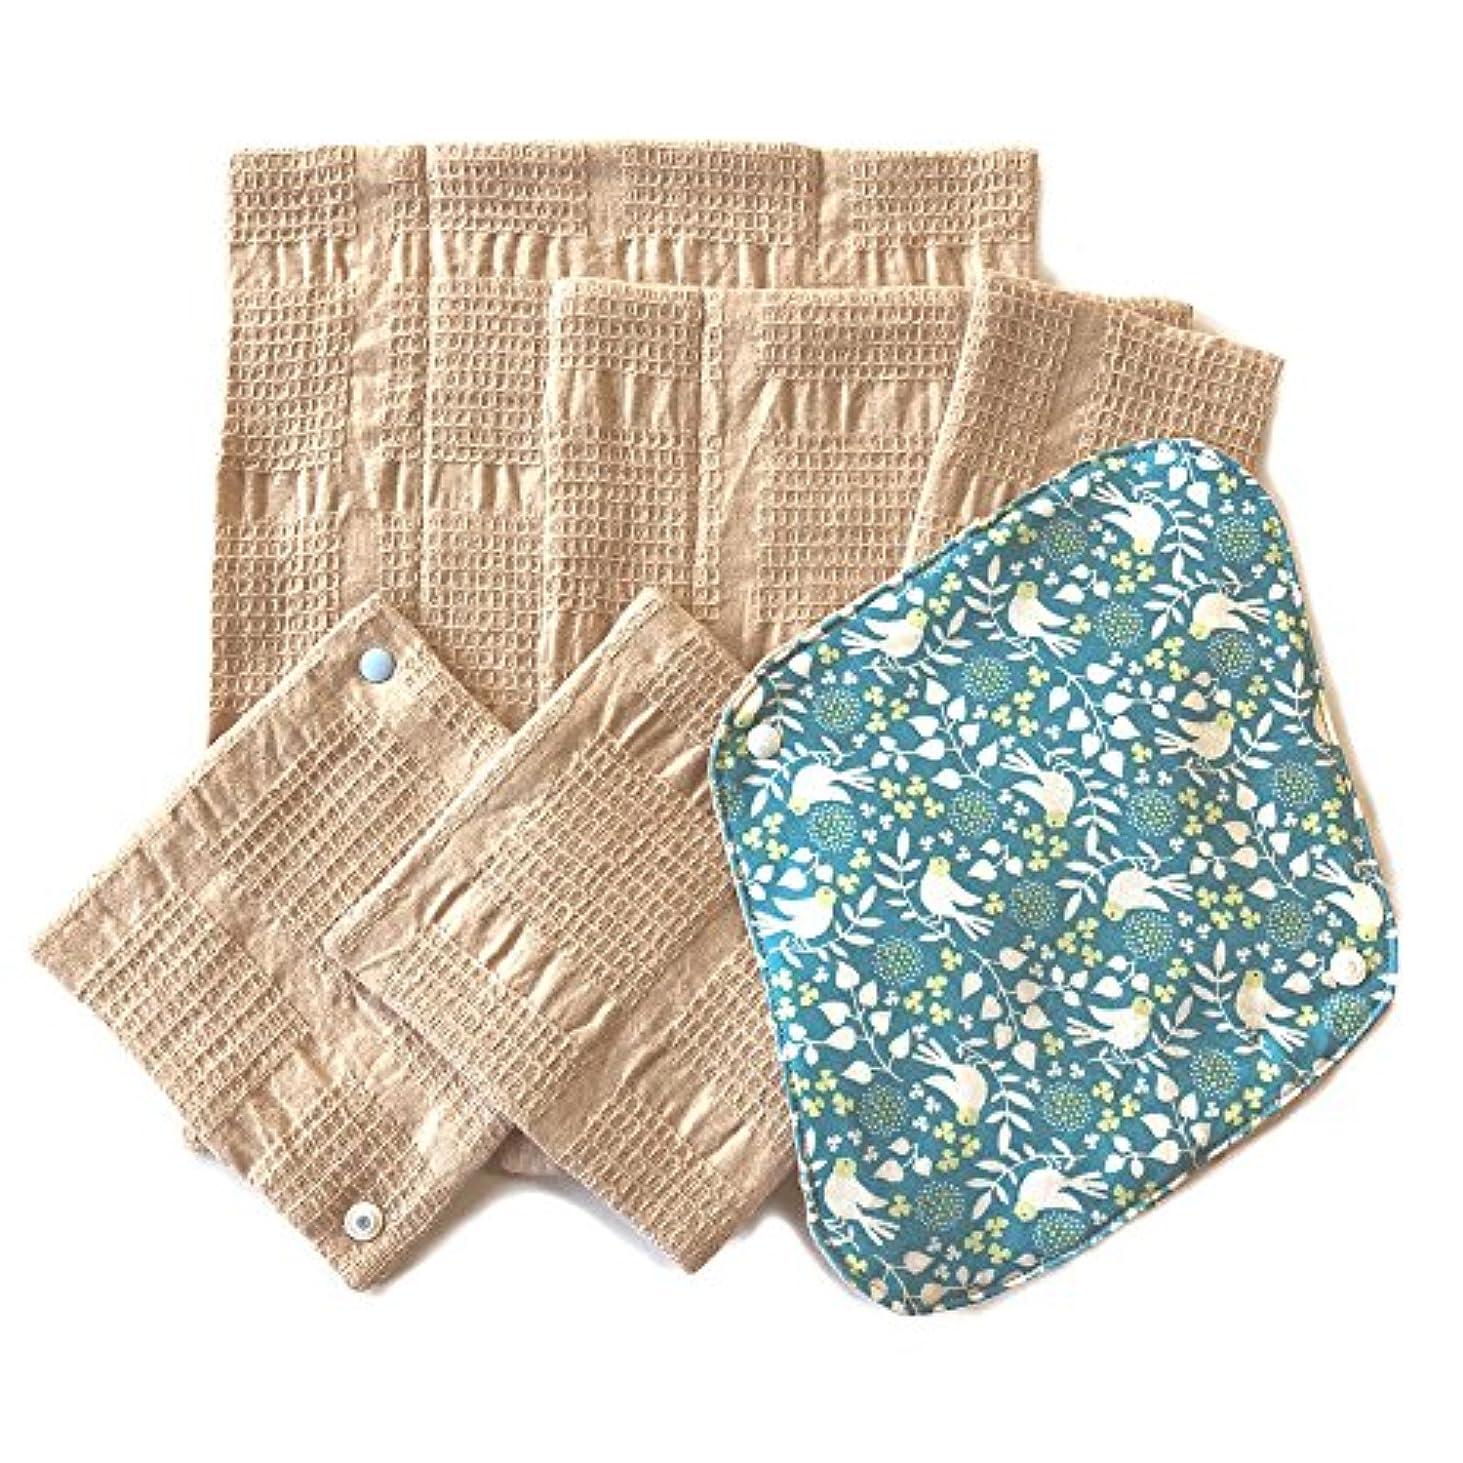 ジャベスウィルソン感性密接に華布 よくばりセットE(L、M、S、ましかく巾S、スナップ付ライナーSブルー、バードブルーホルダー)